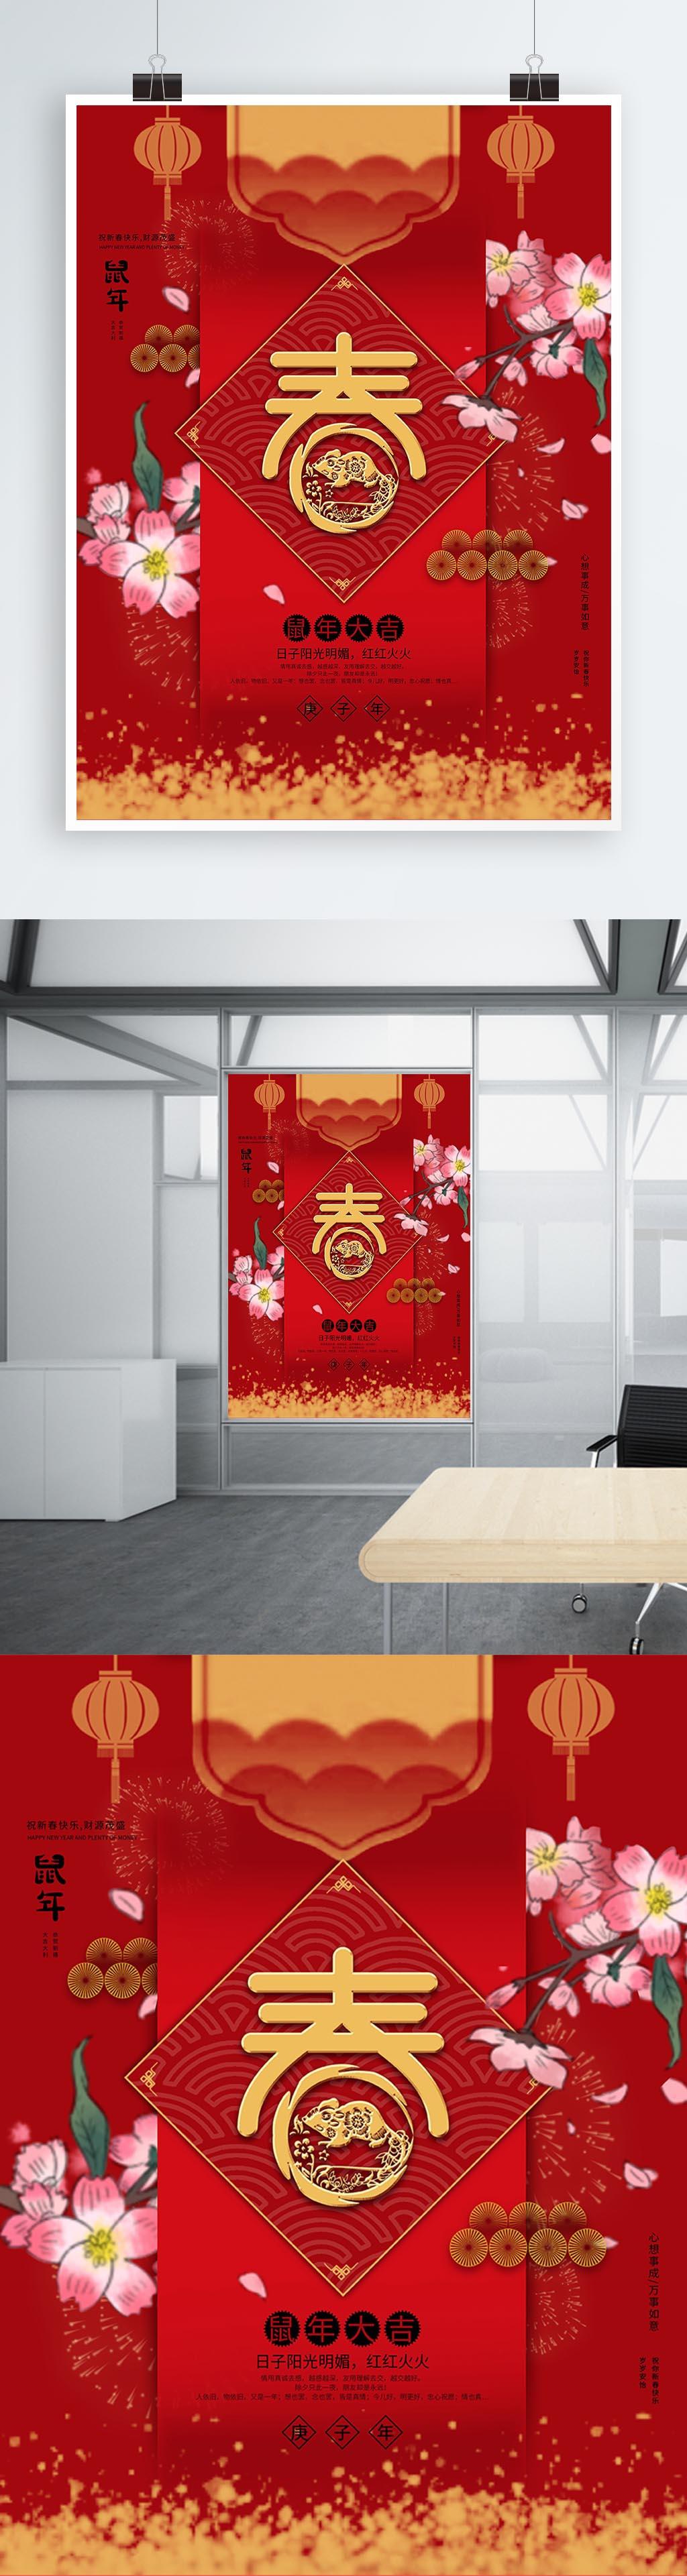 精品鼠年大气经典海报2020春节新春新年过年